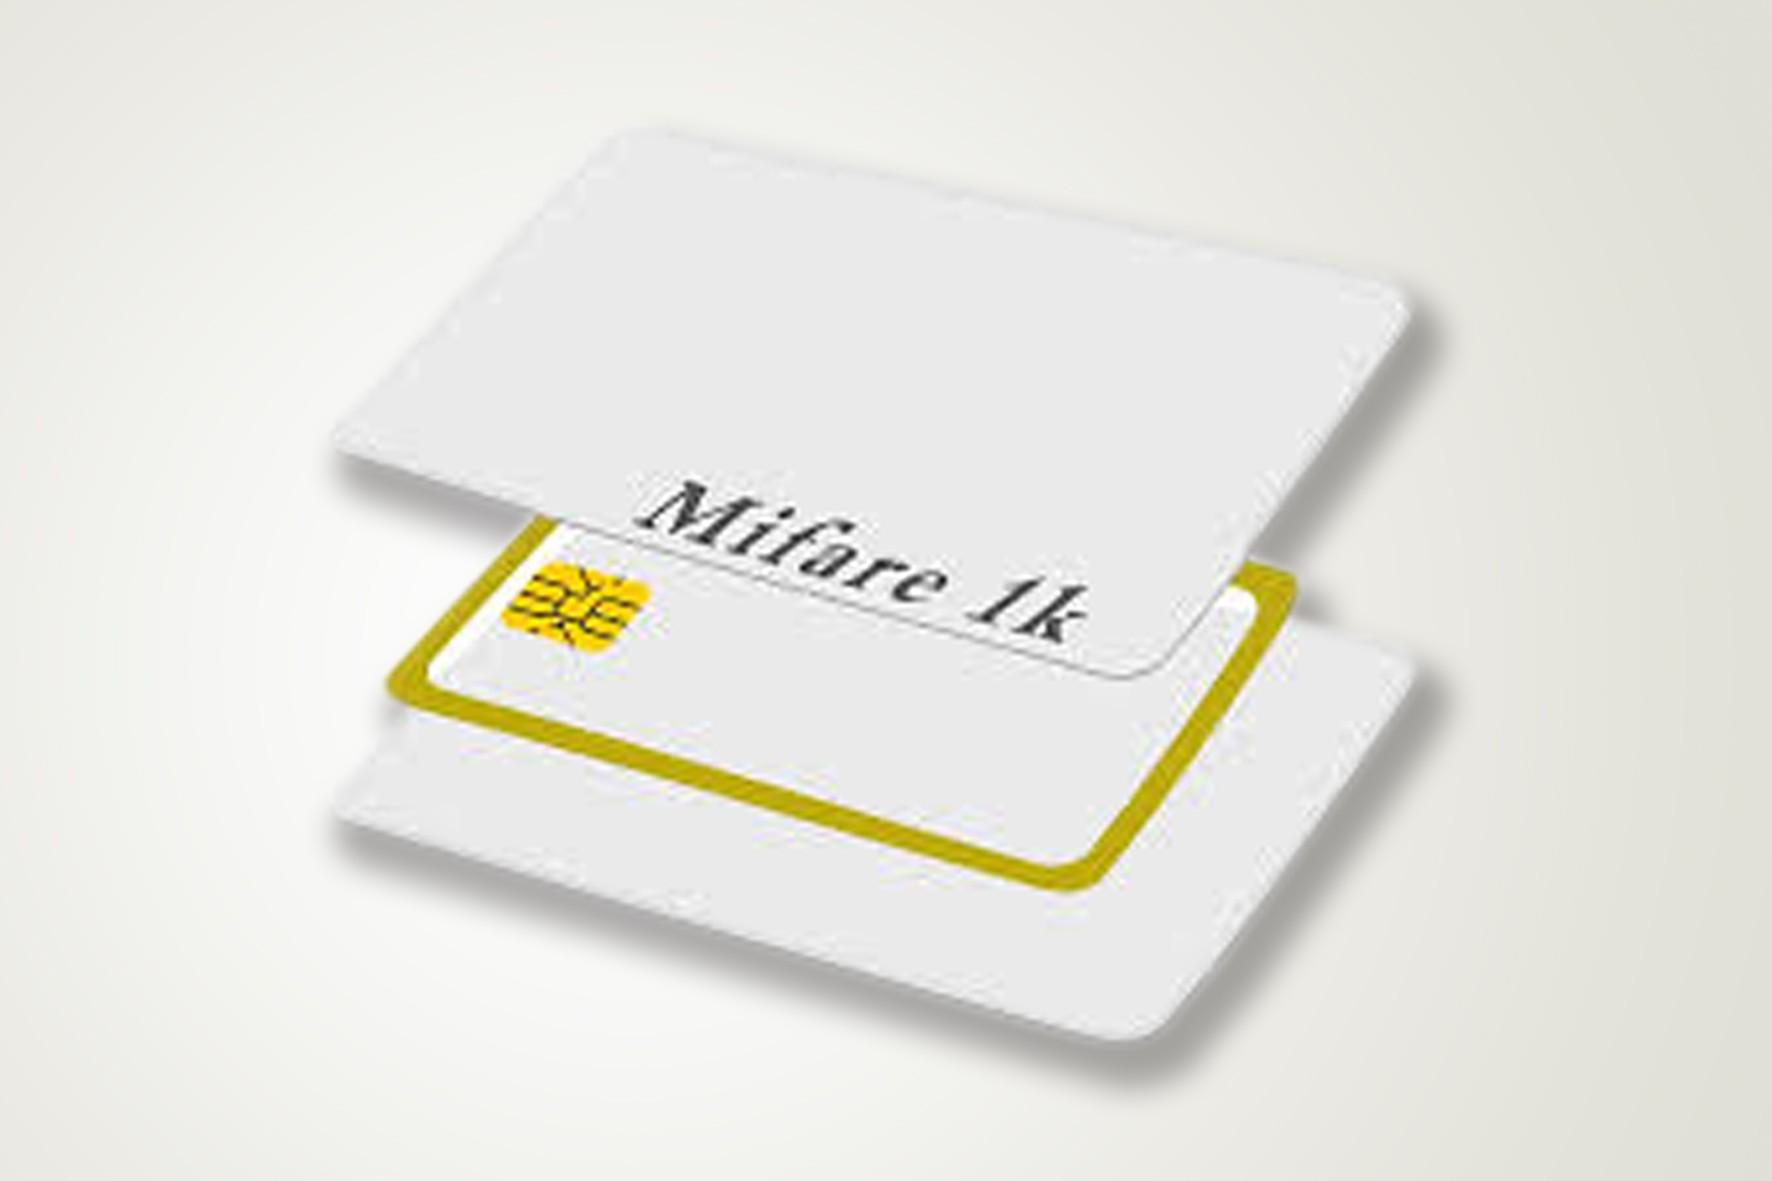 Cartões Mifare no Jardim Cambuí - Marcador de Página